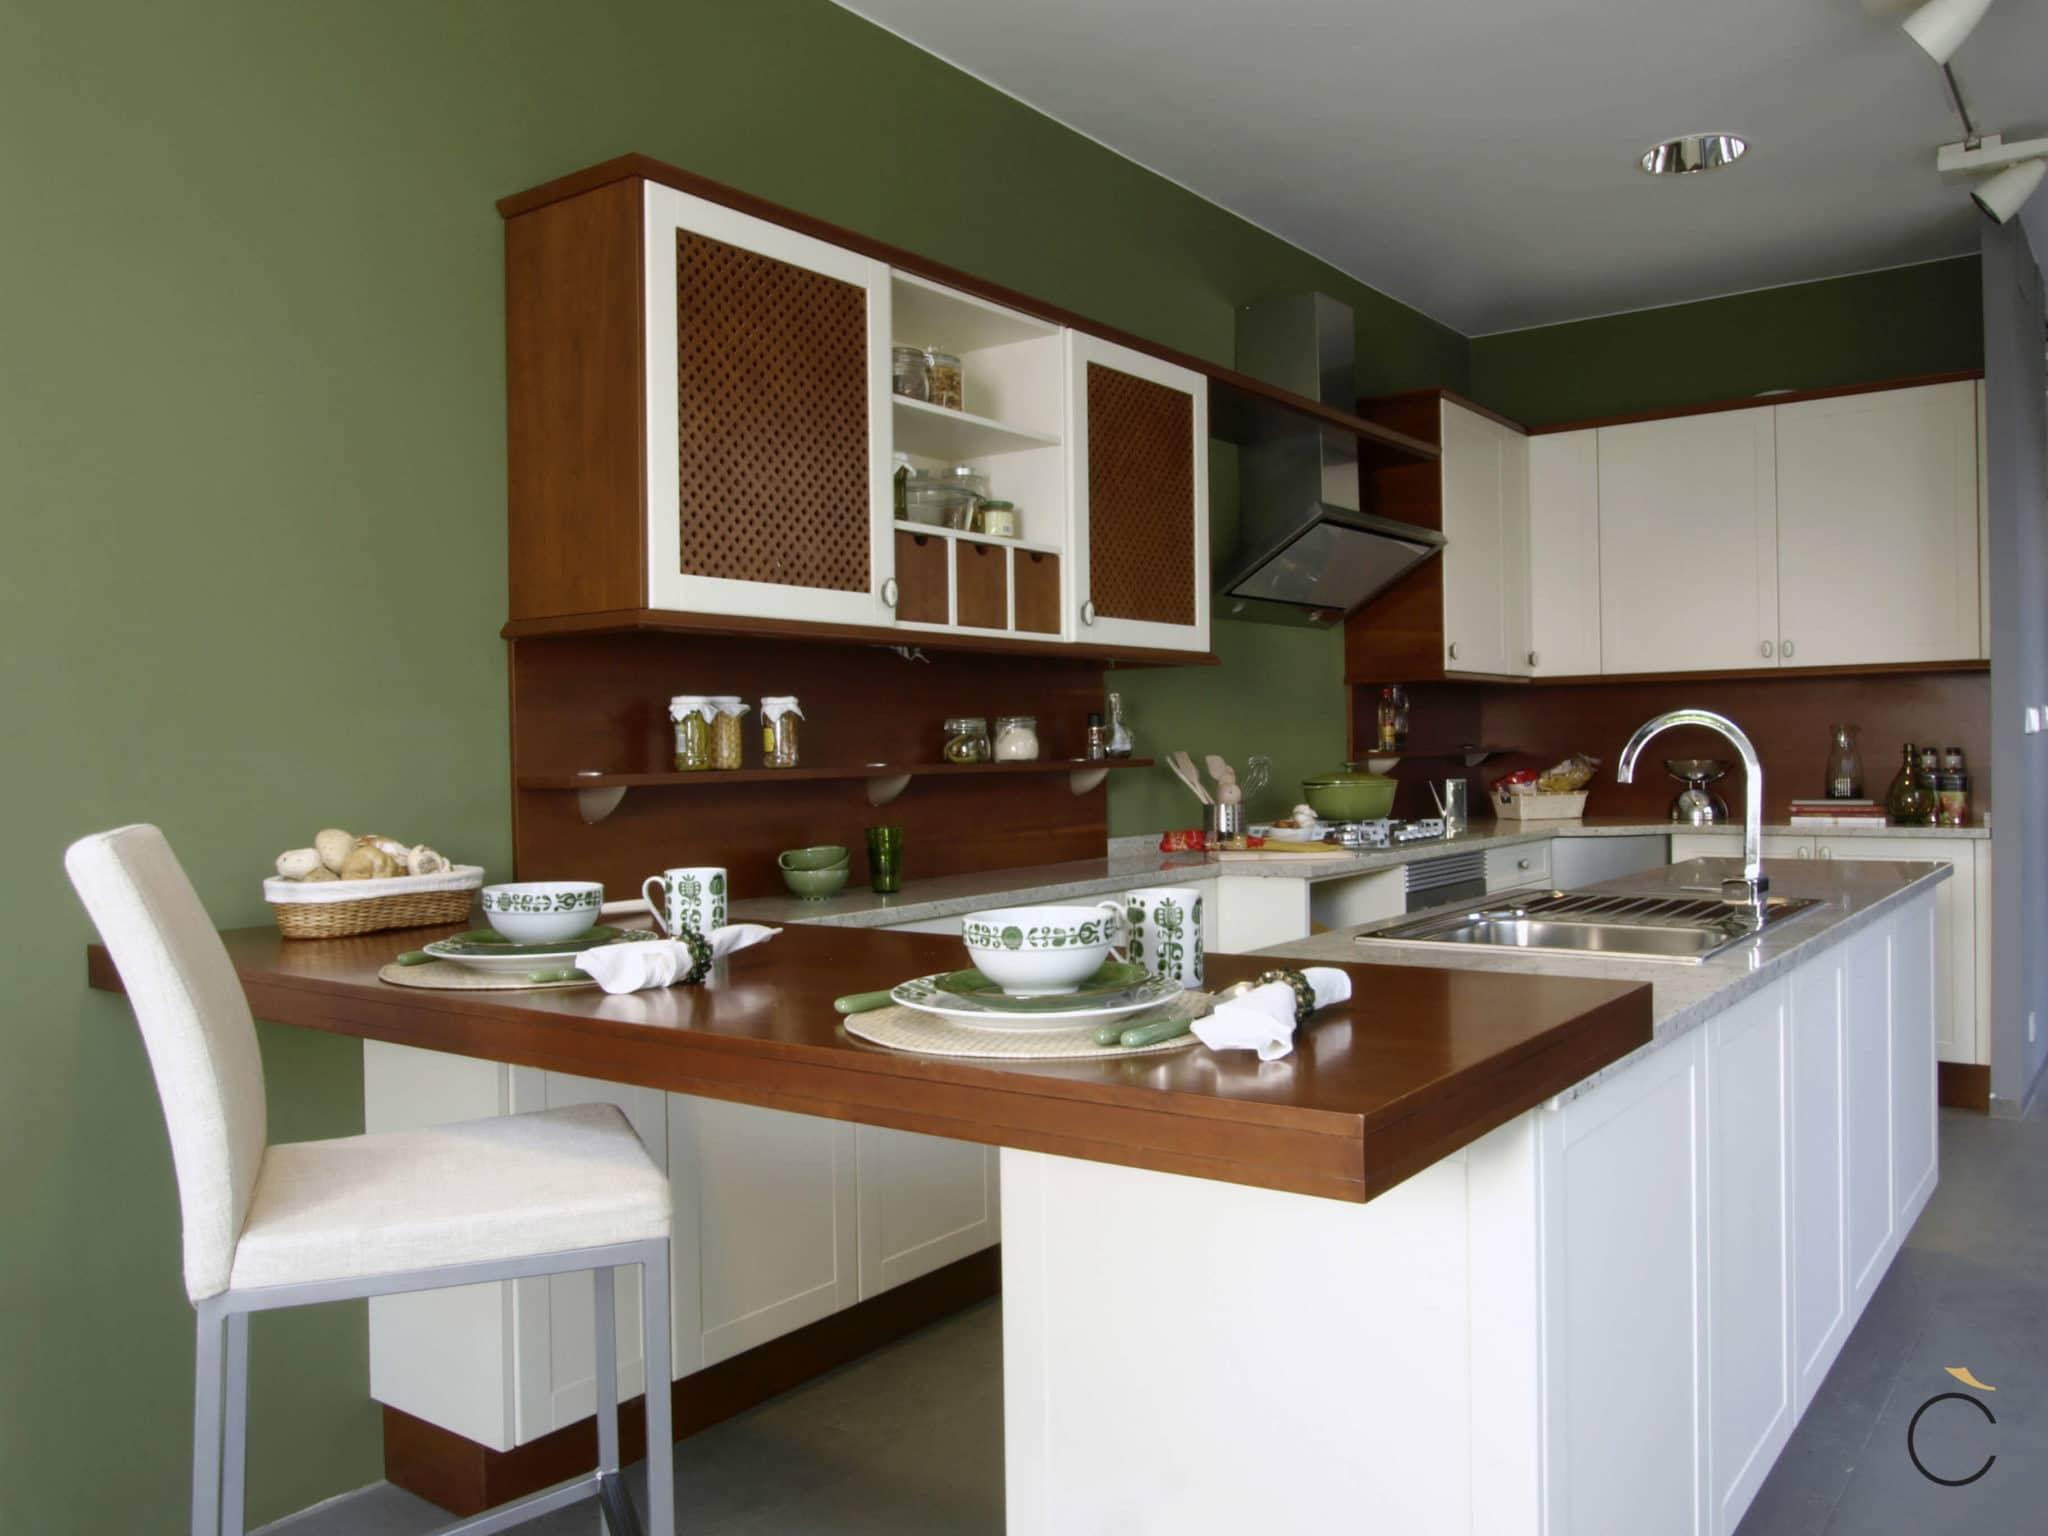 Cocinas r sticas modernas desc brelas en grupo coeco - Cocinas con encanto ...